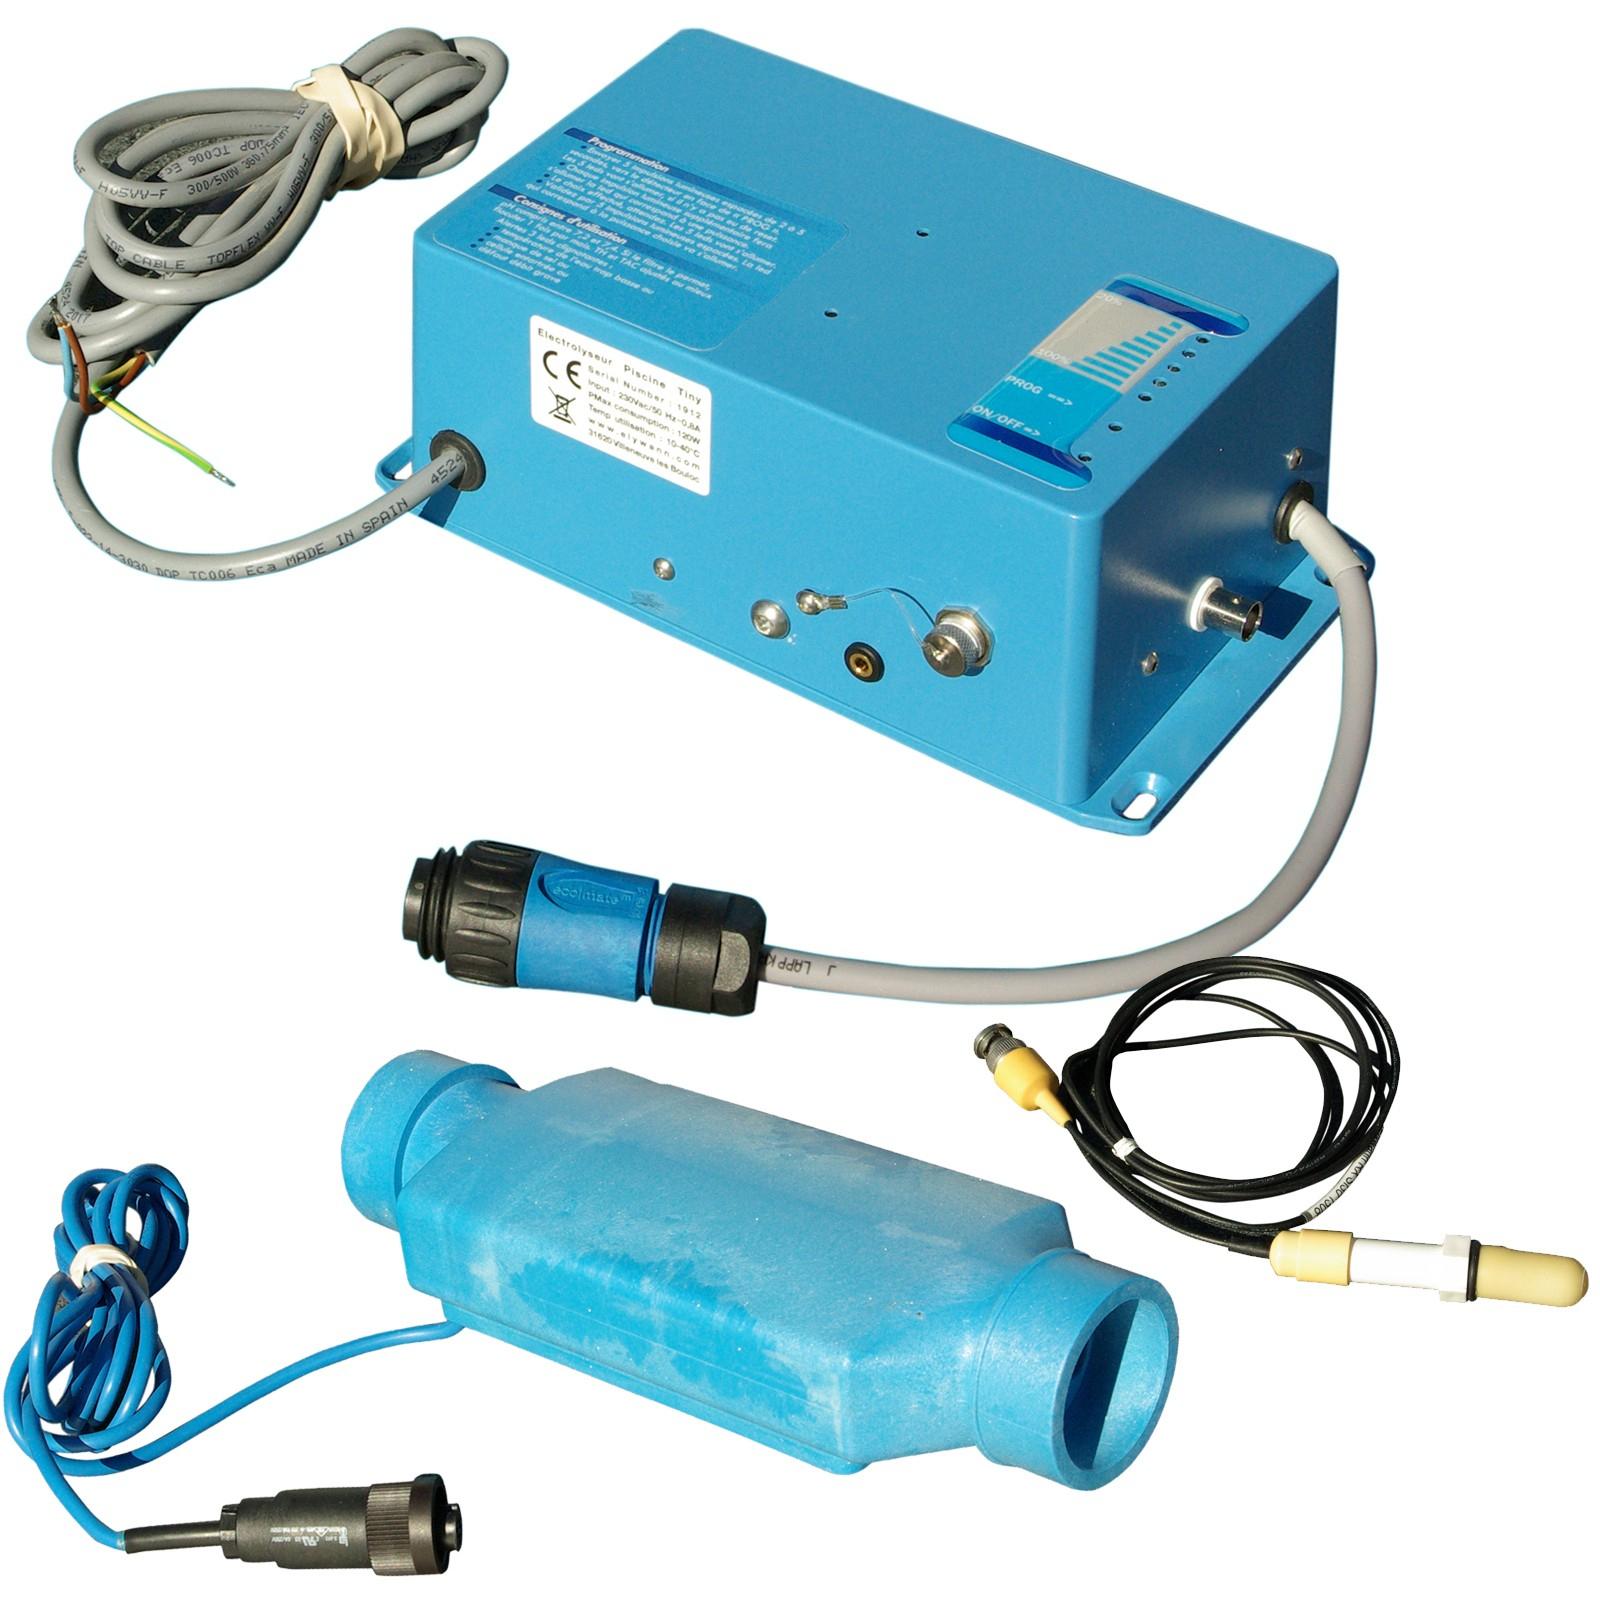 Électrolyseur À Sel Tiny 80 Plus pour Electrolyseur Sel Piscine